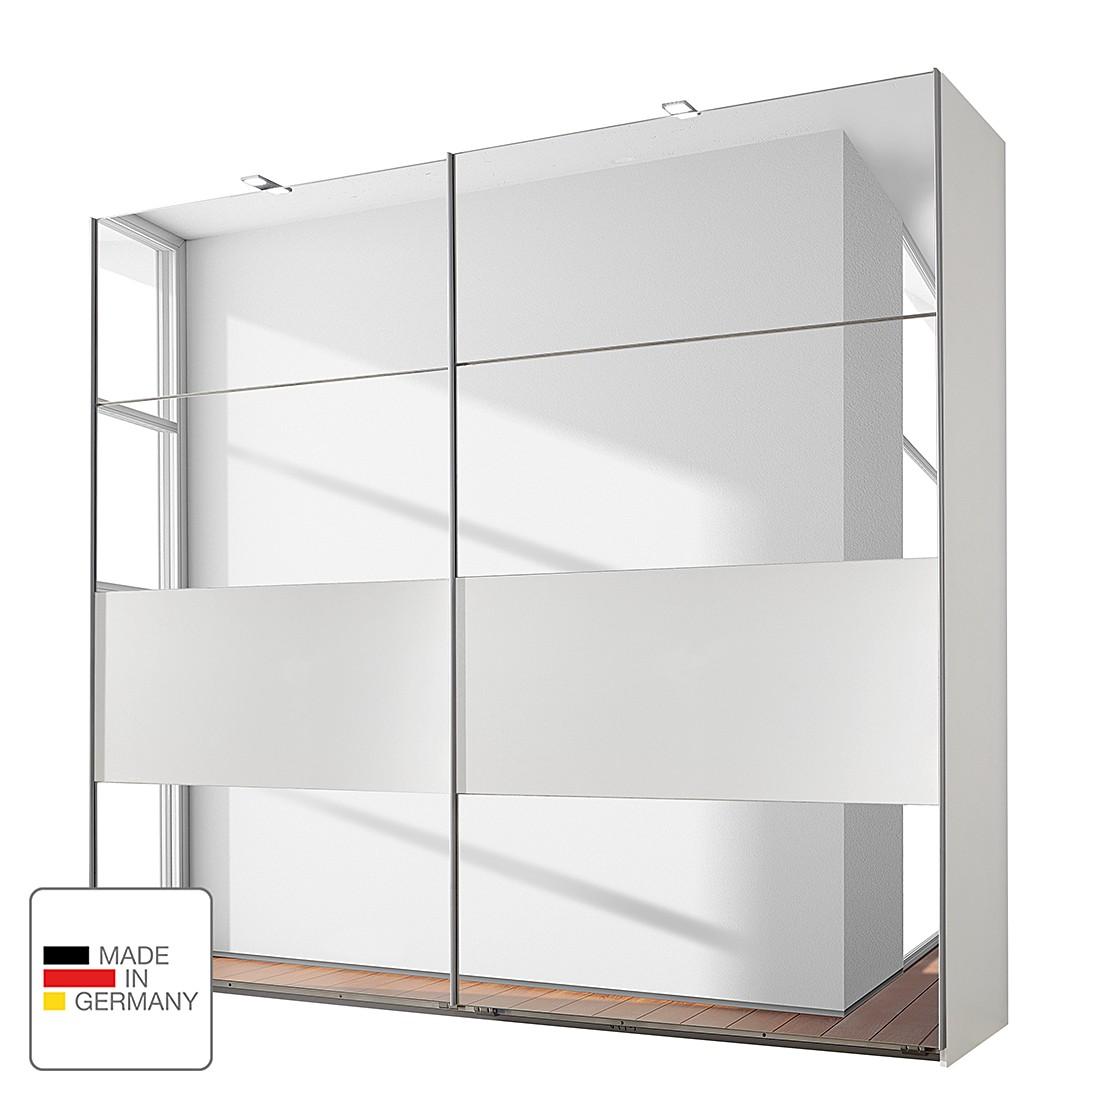 Schuifdeurkast Falk - alpinewit Kastbreedte: 225cm - 2-deurs, Wimex